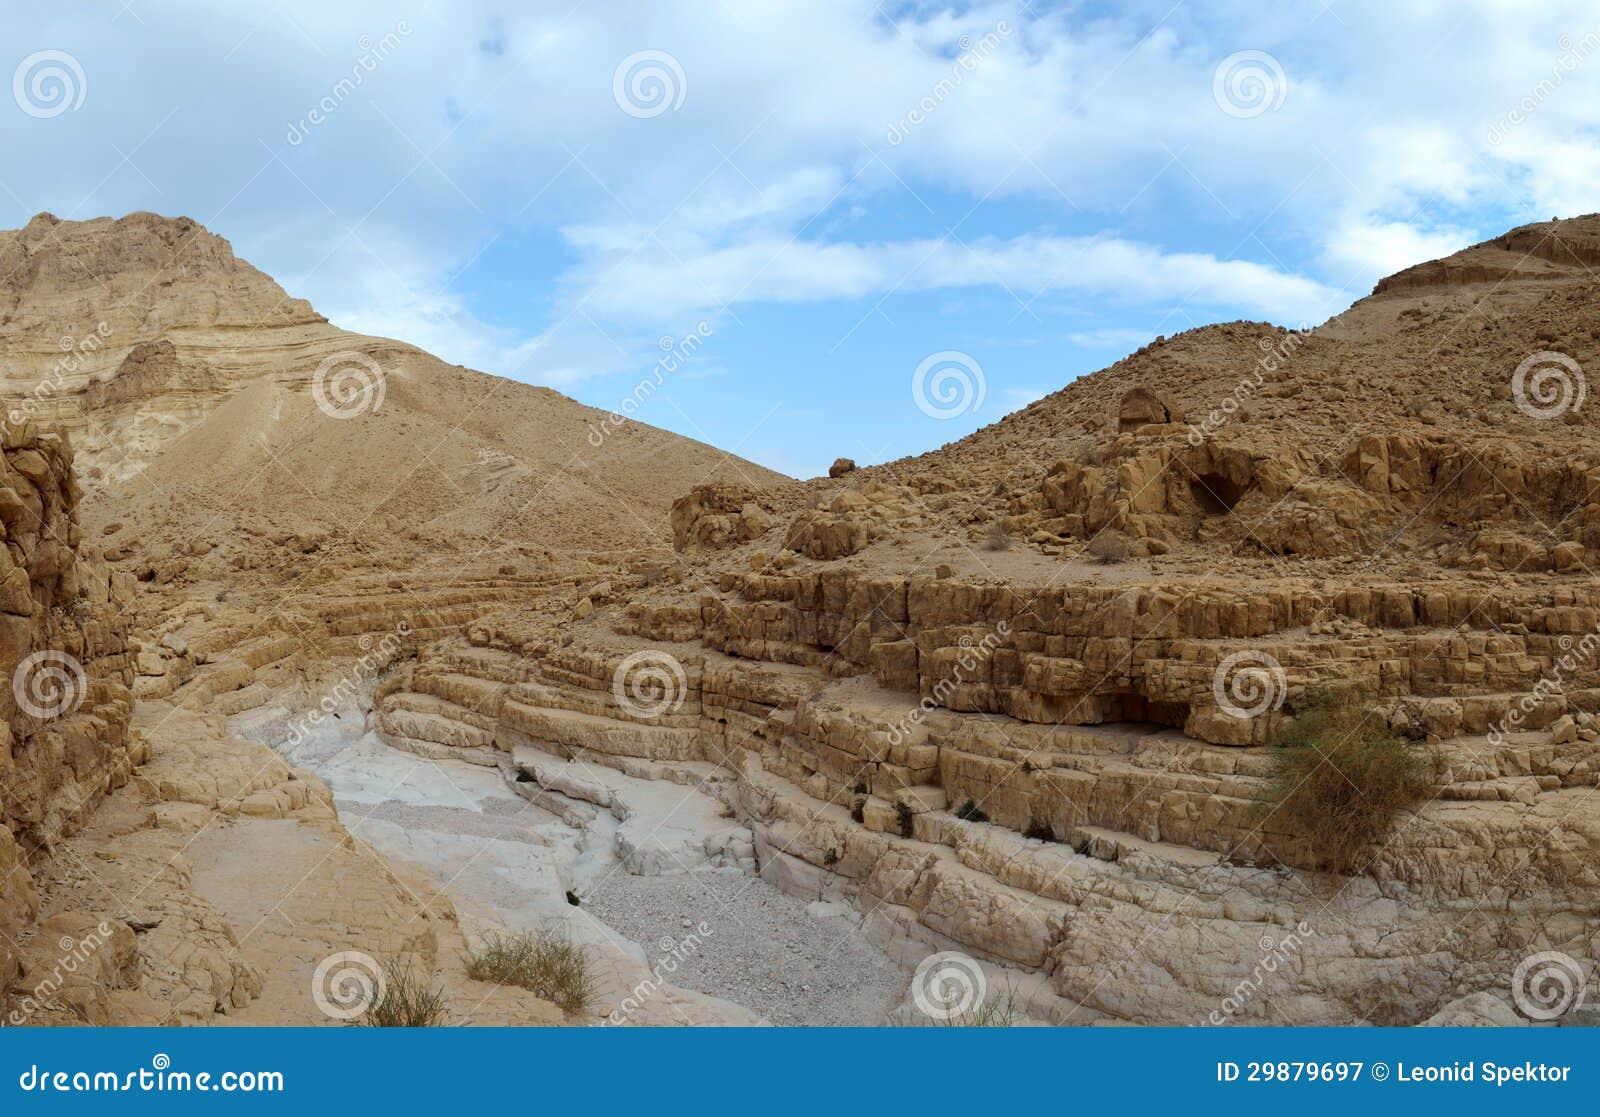 干燥沙漠旱谷。